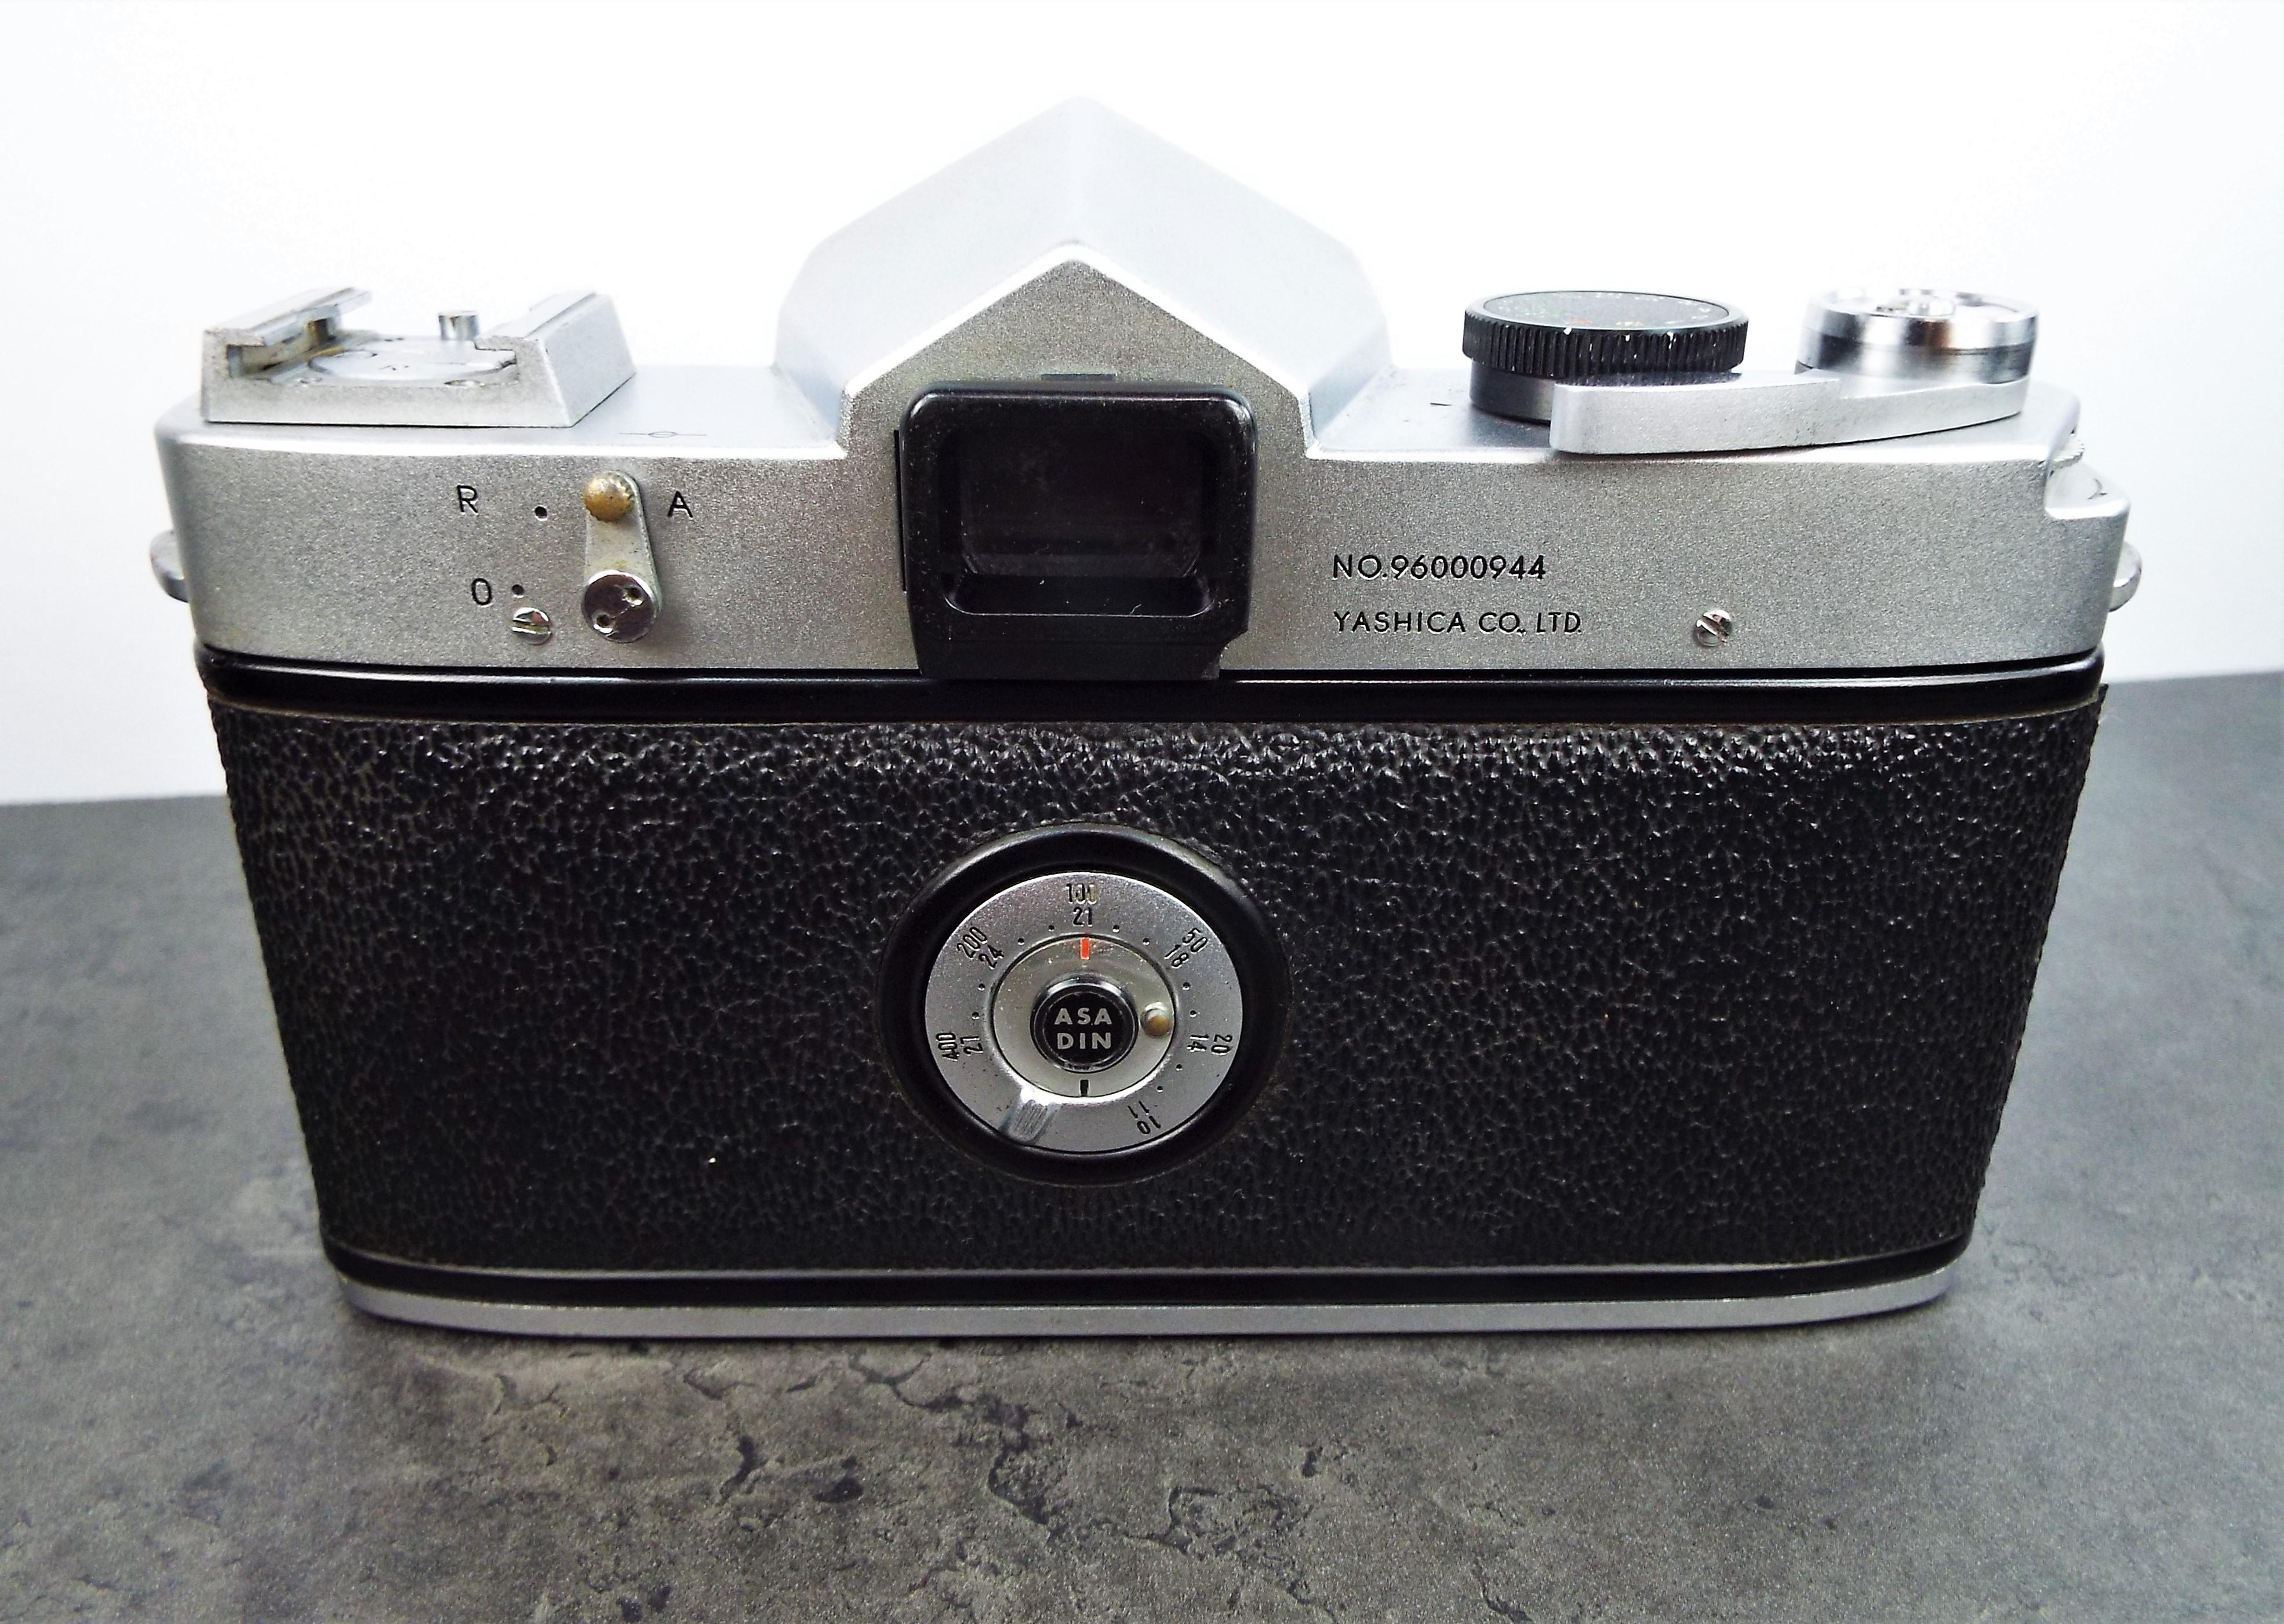 DSCF7802